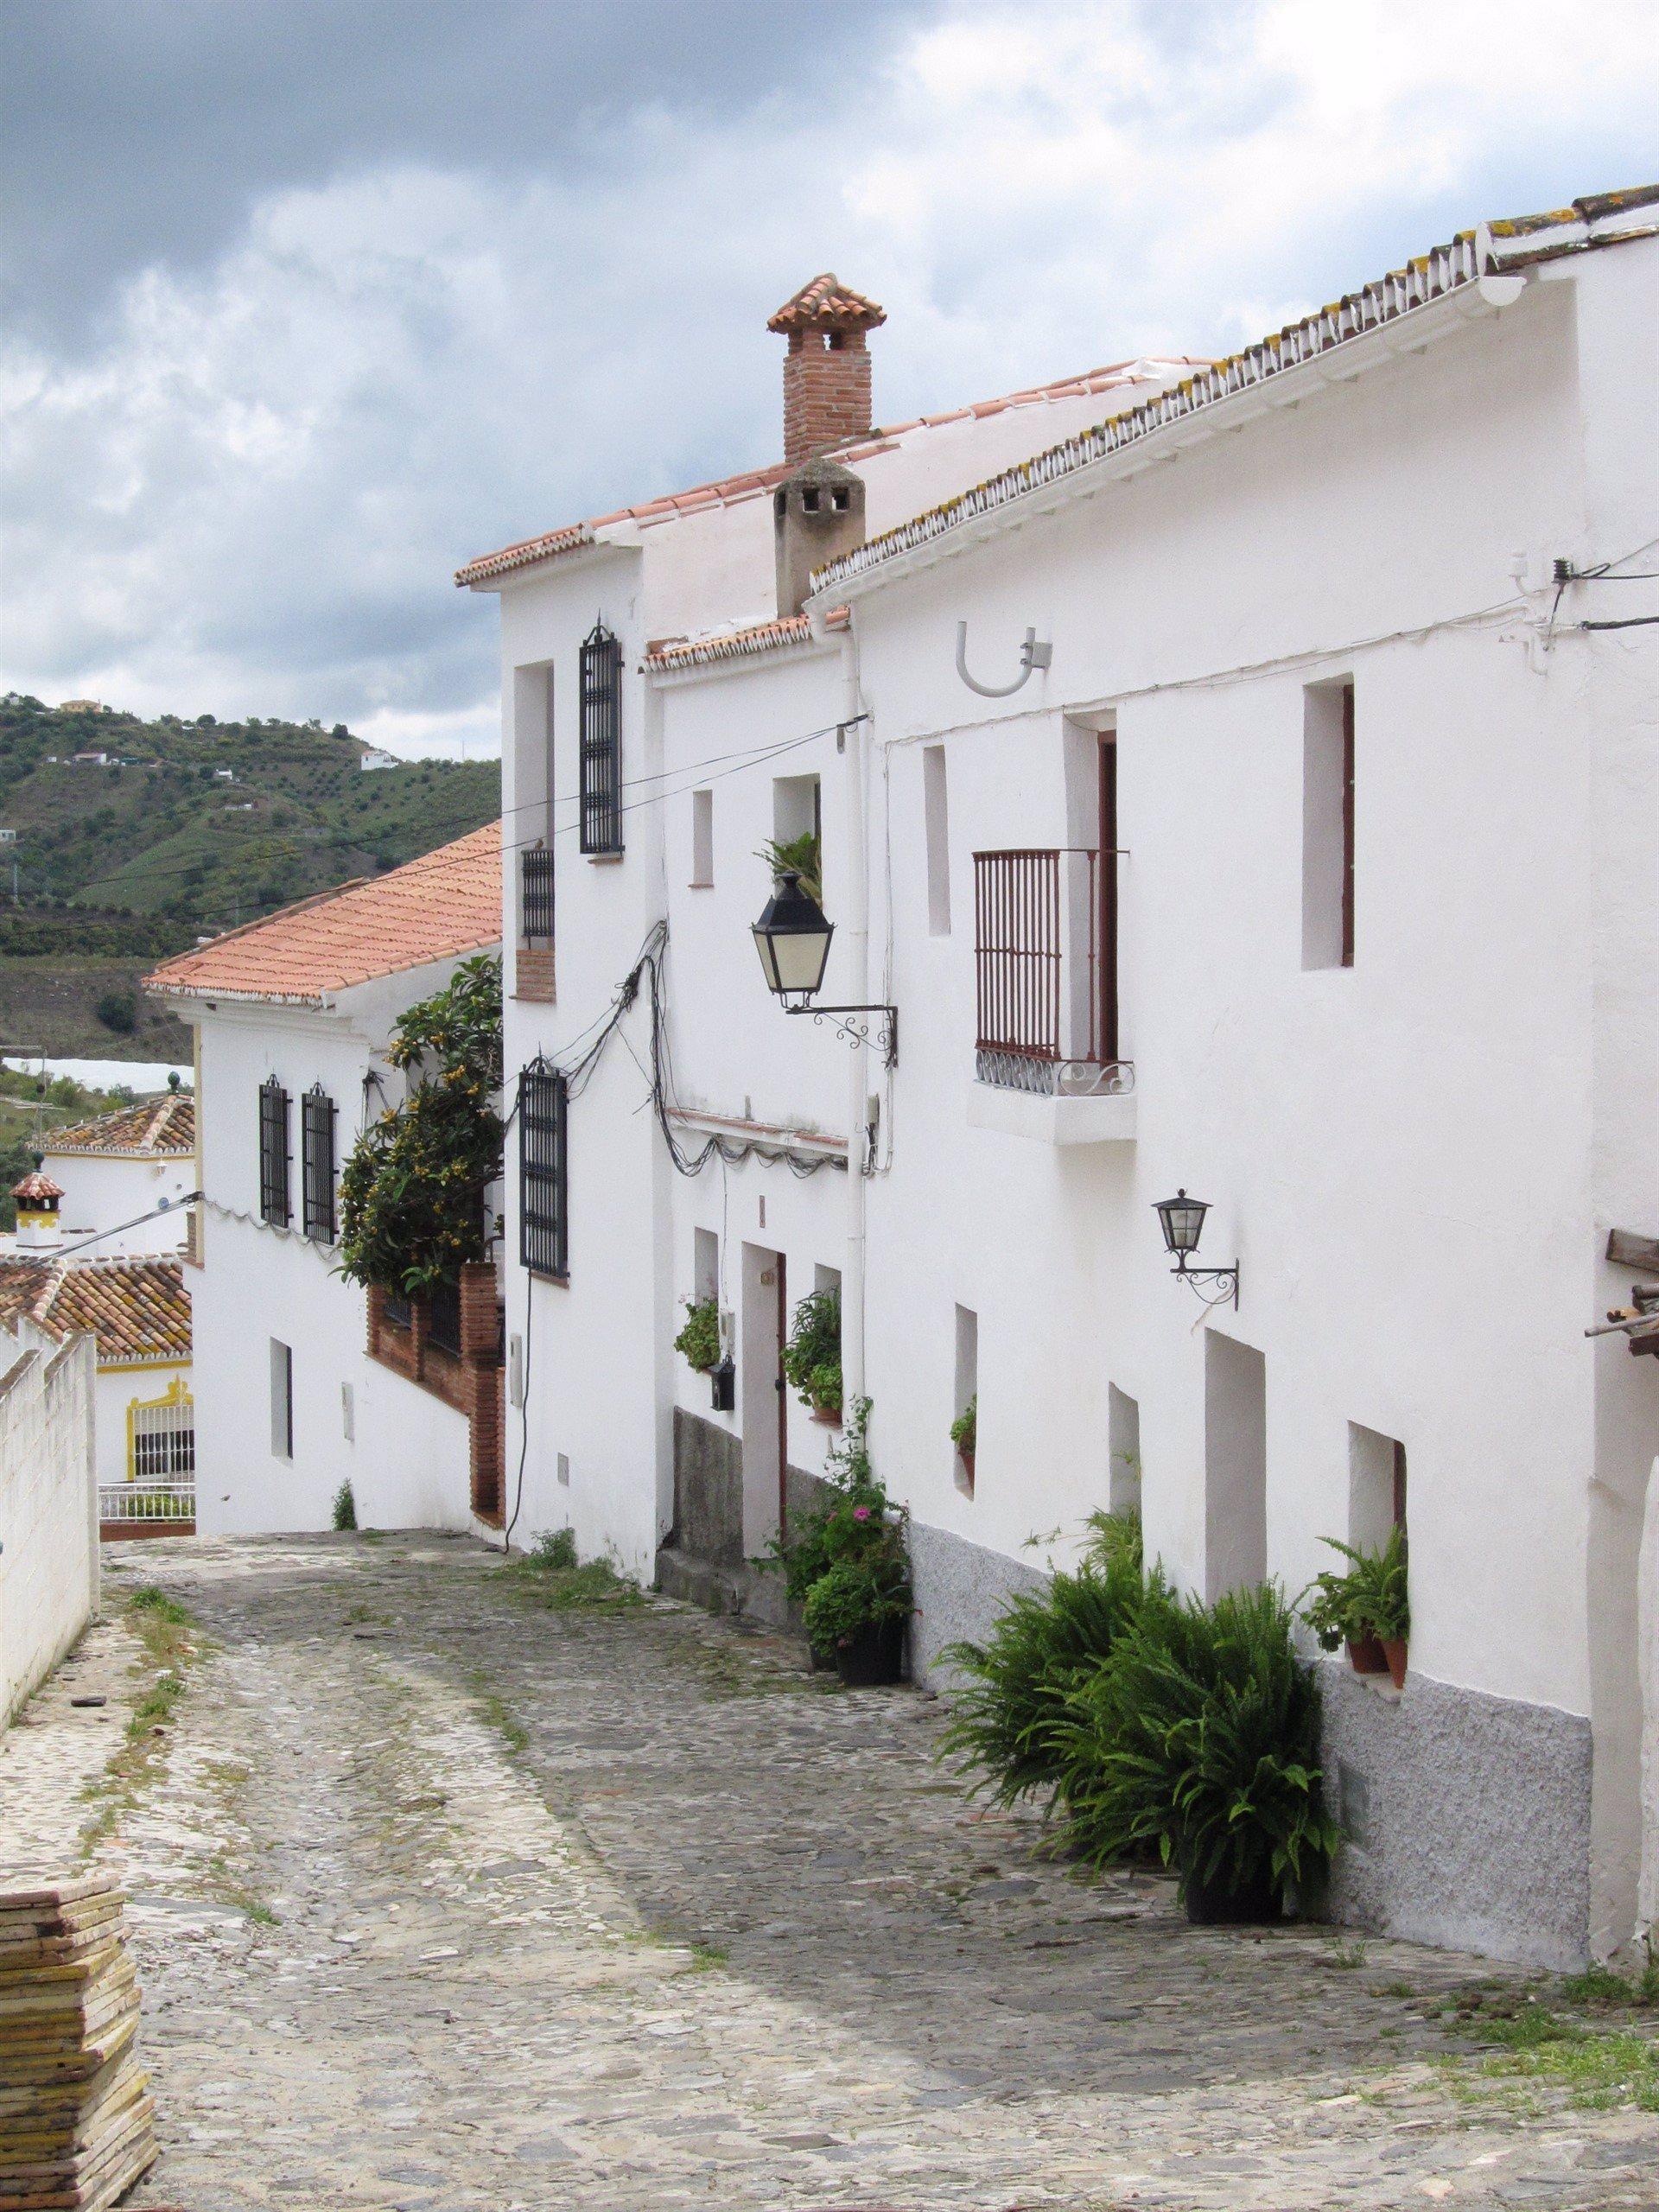 Un 68 de ocupaci n en hoteles y casas rurales andaluzas - Casas rurales diferentes ...